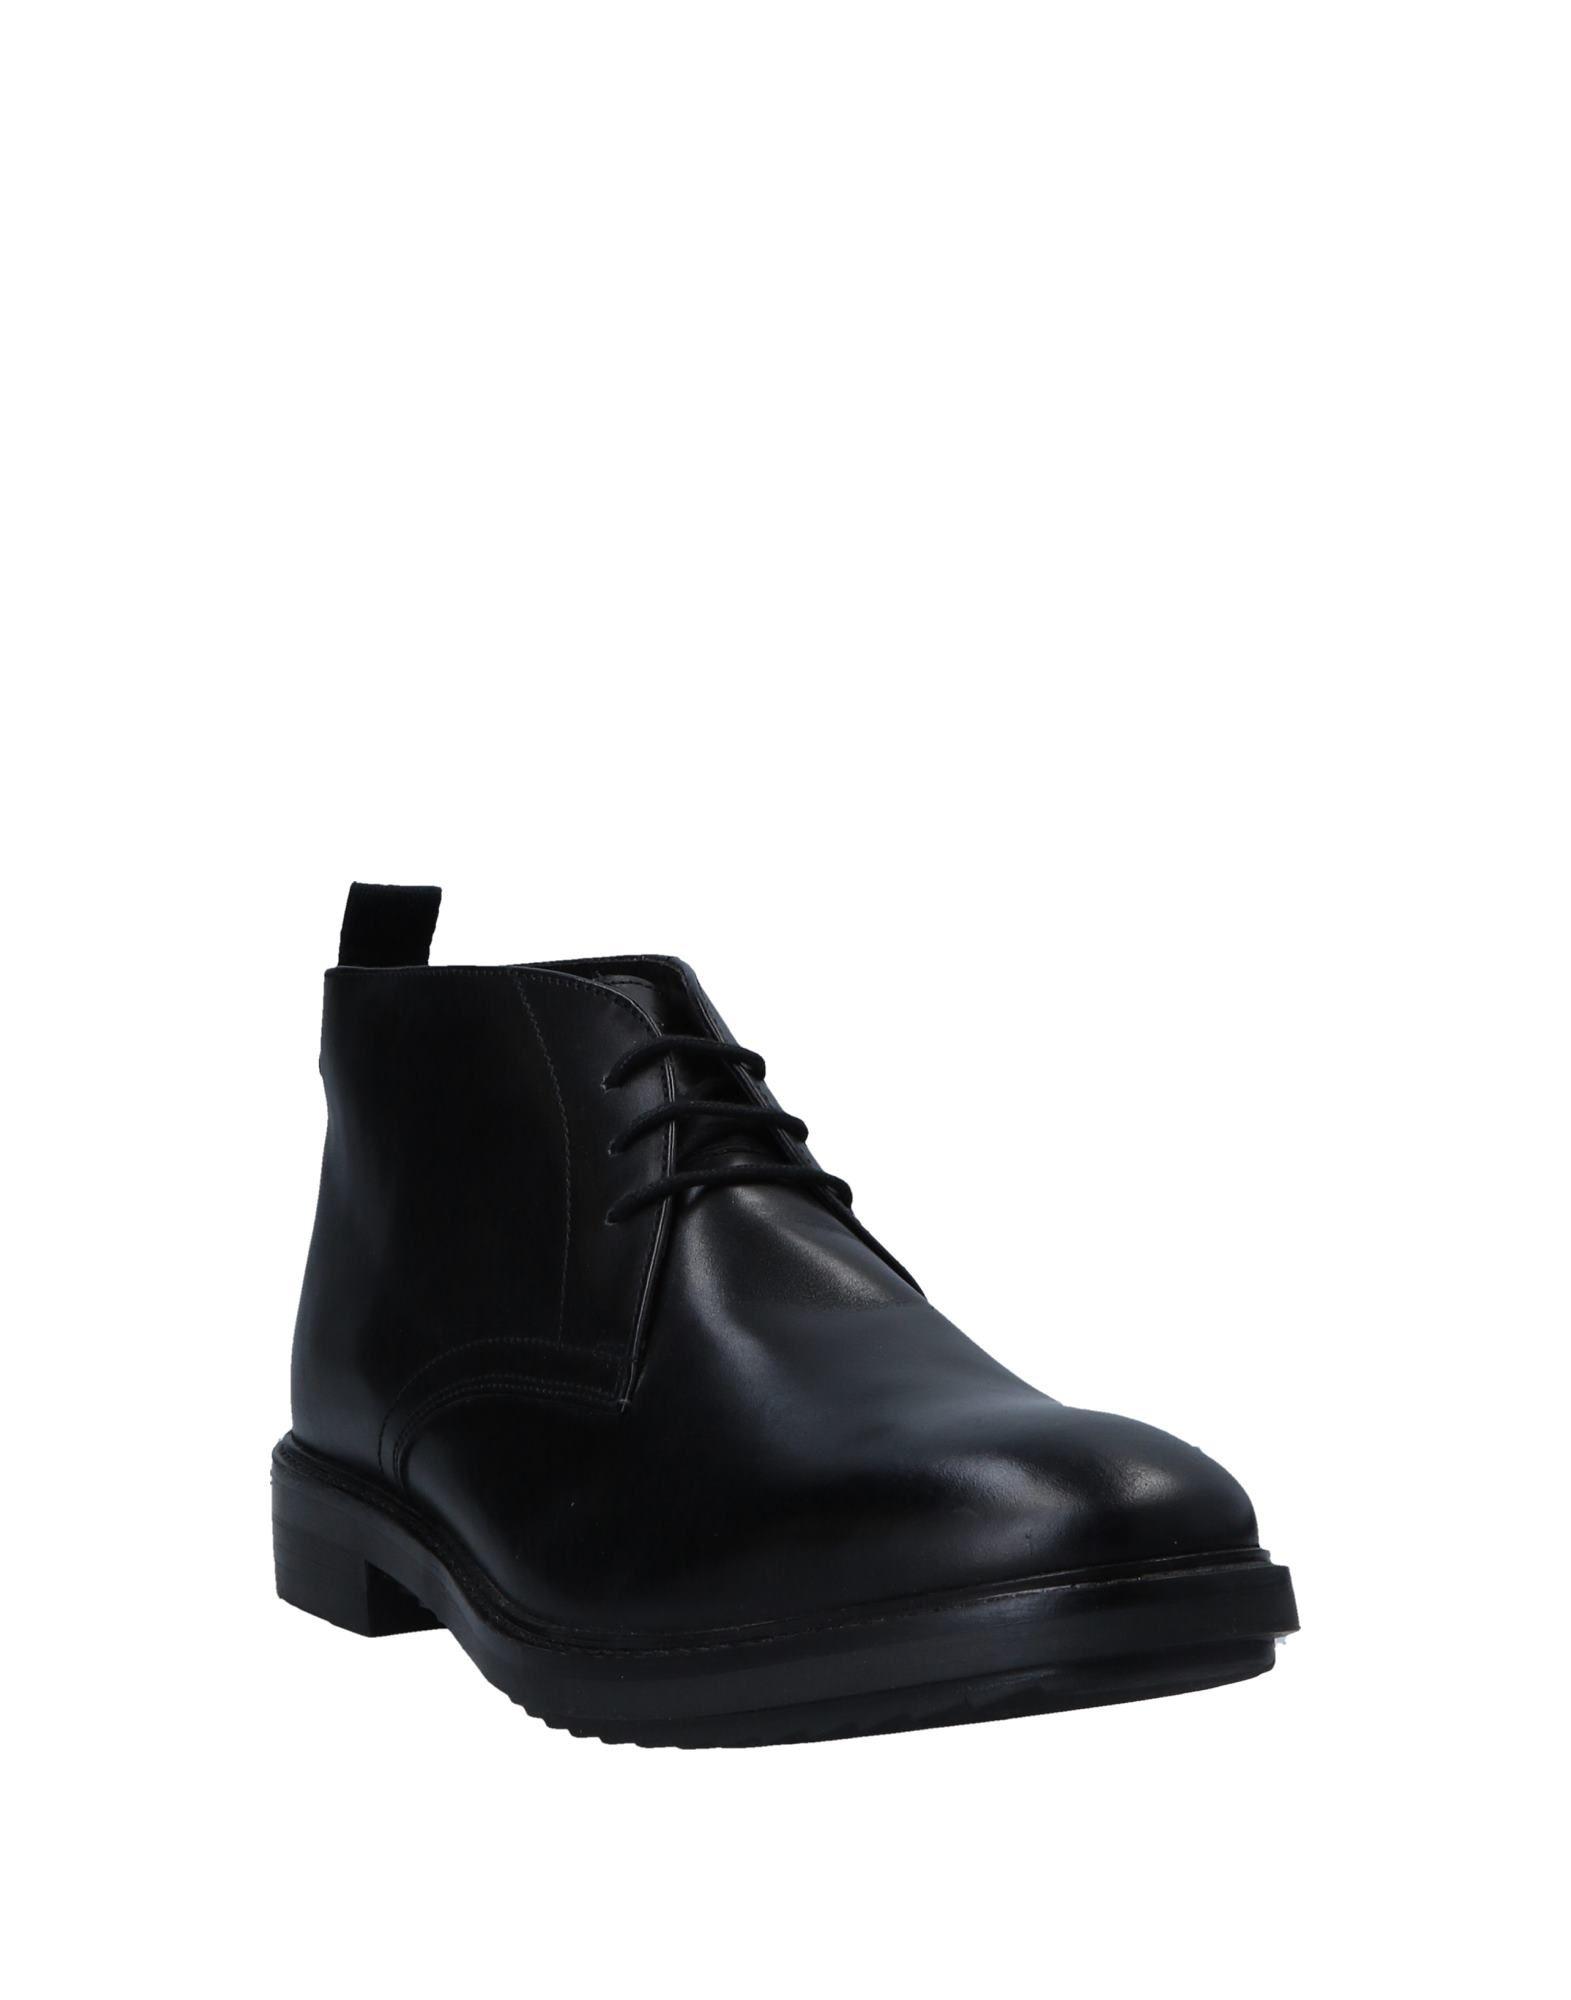 Rabatt echte Stiefelette Schuhe Base  London Stiefelette echte Herren  11546911KE 0bd357